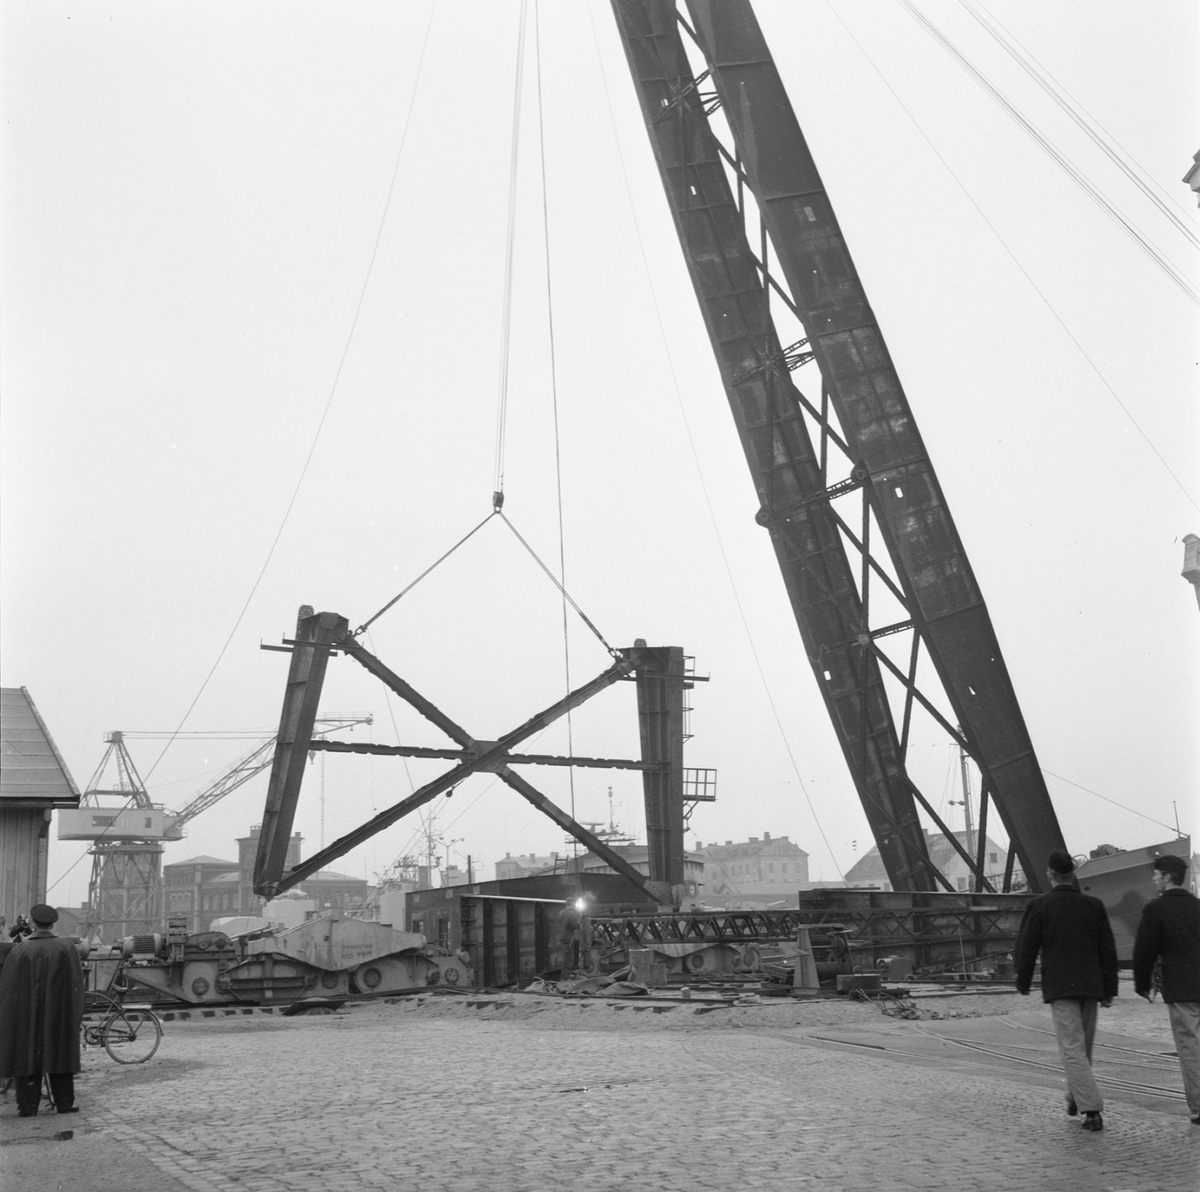 Övrigt: Fotodatum:20/10 1959 Byggnader och Kranar. Nya 100-tonskranen montering av stativ